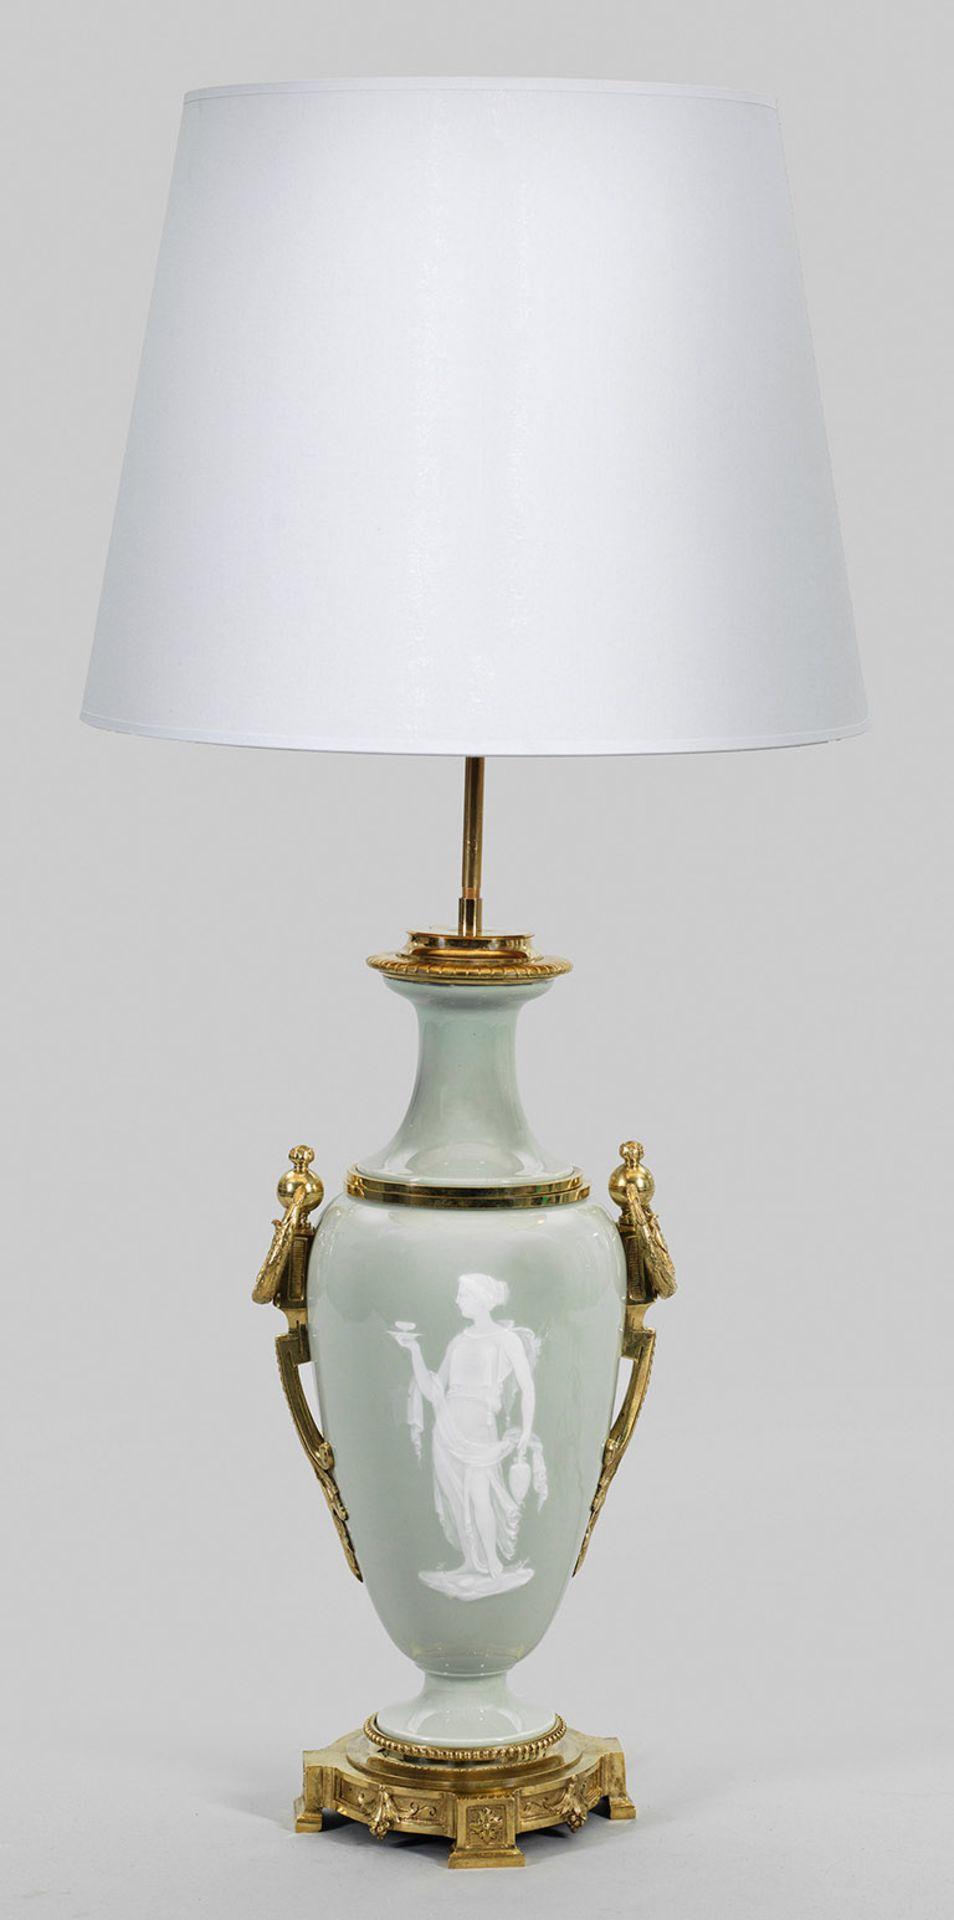 Prächtige Tischlampe mit Pâte-sur-pâte-Malerei